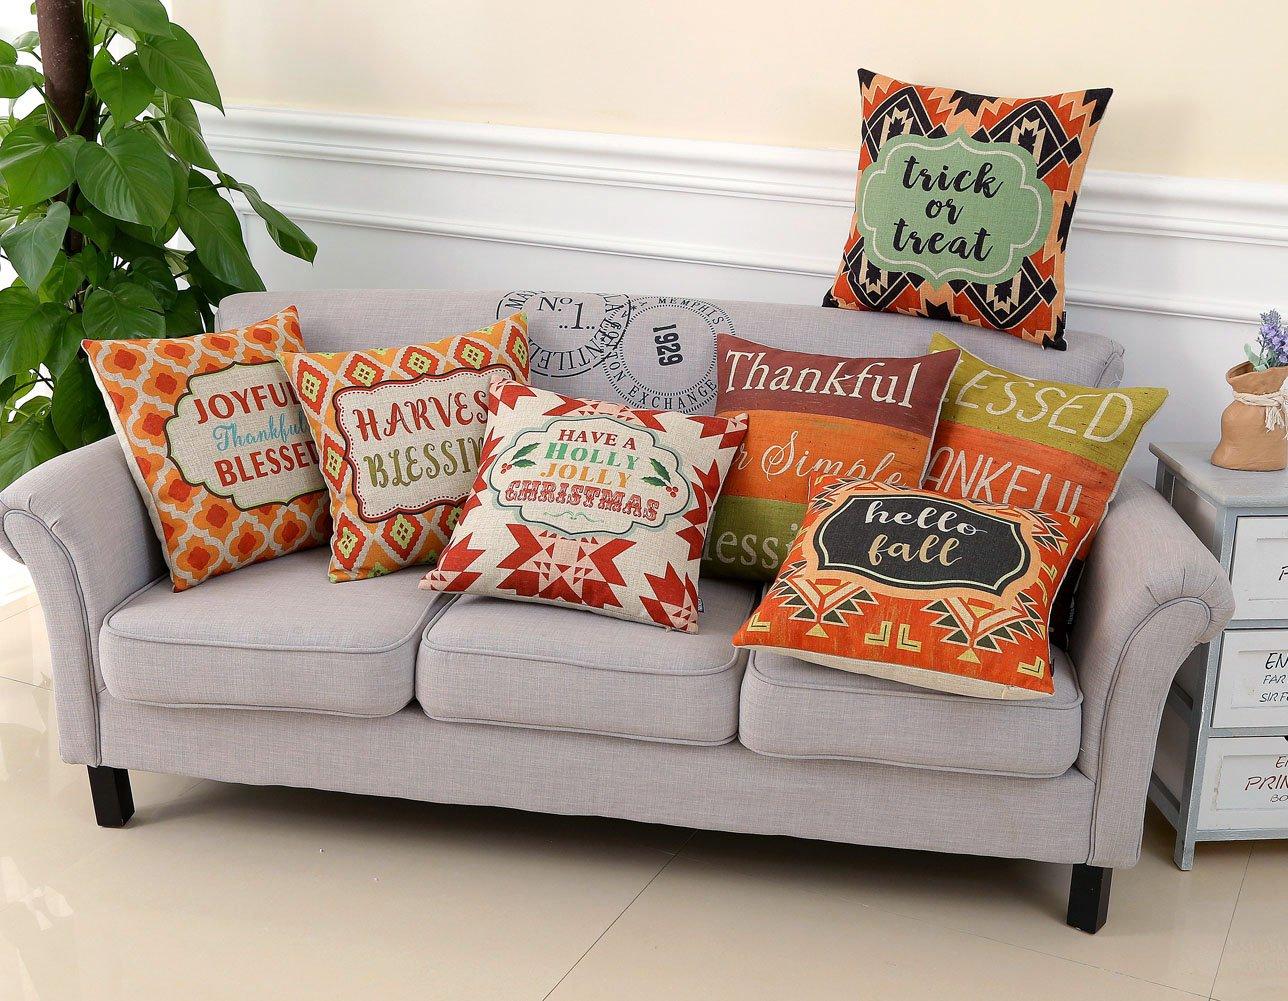 PL057TR TRENDIN 18 X 18 Vintage Colorful Board Thankful Blessing Burlap Linen Cushion Cover Pillow Case Sofa Decoration TRENDIN HOME DÉCOR